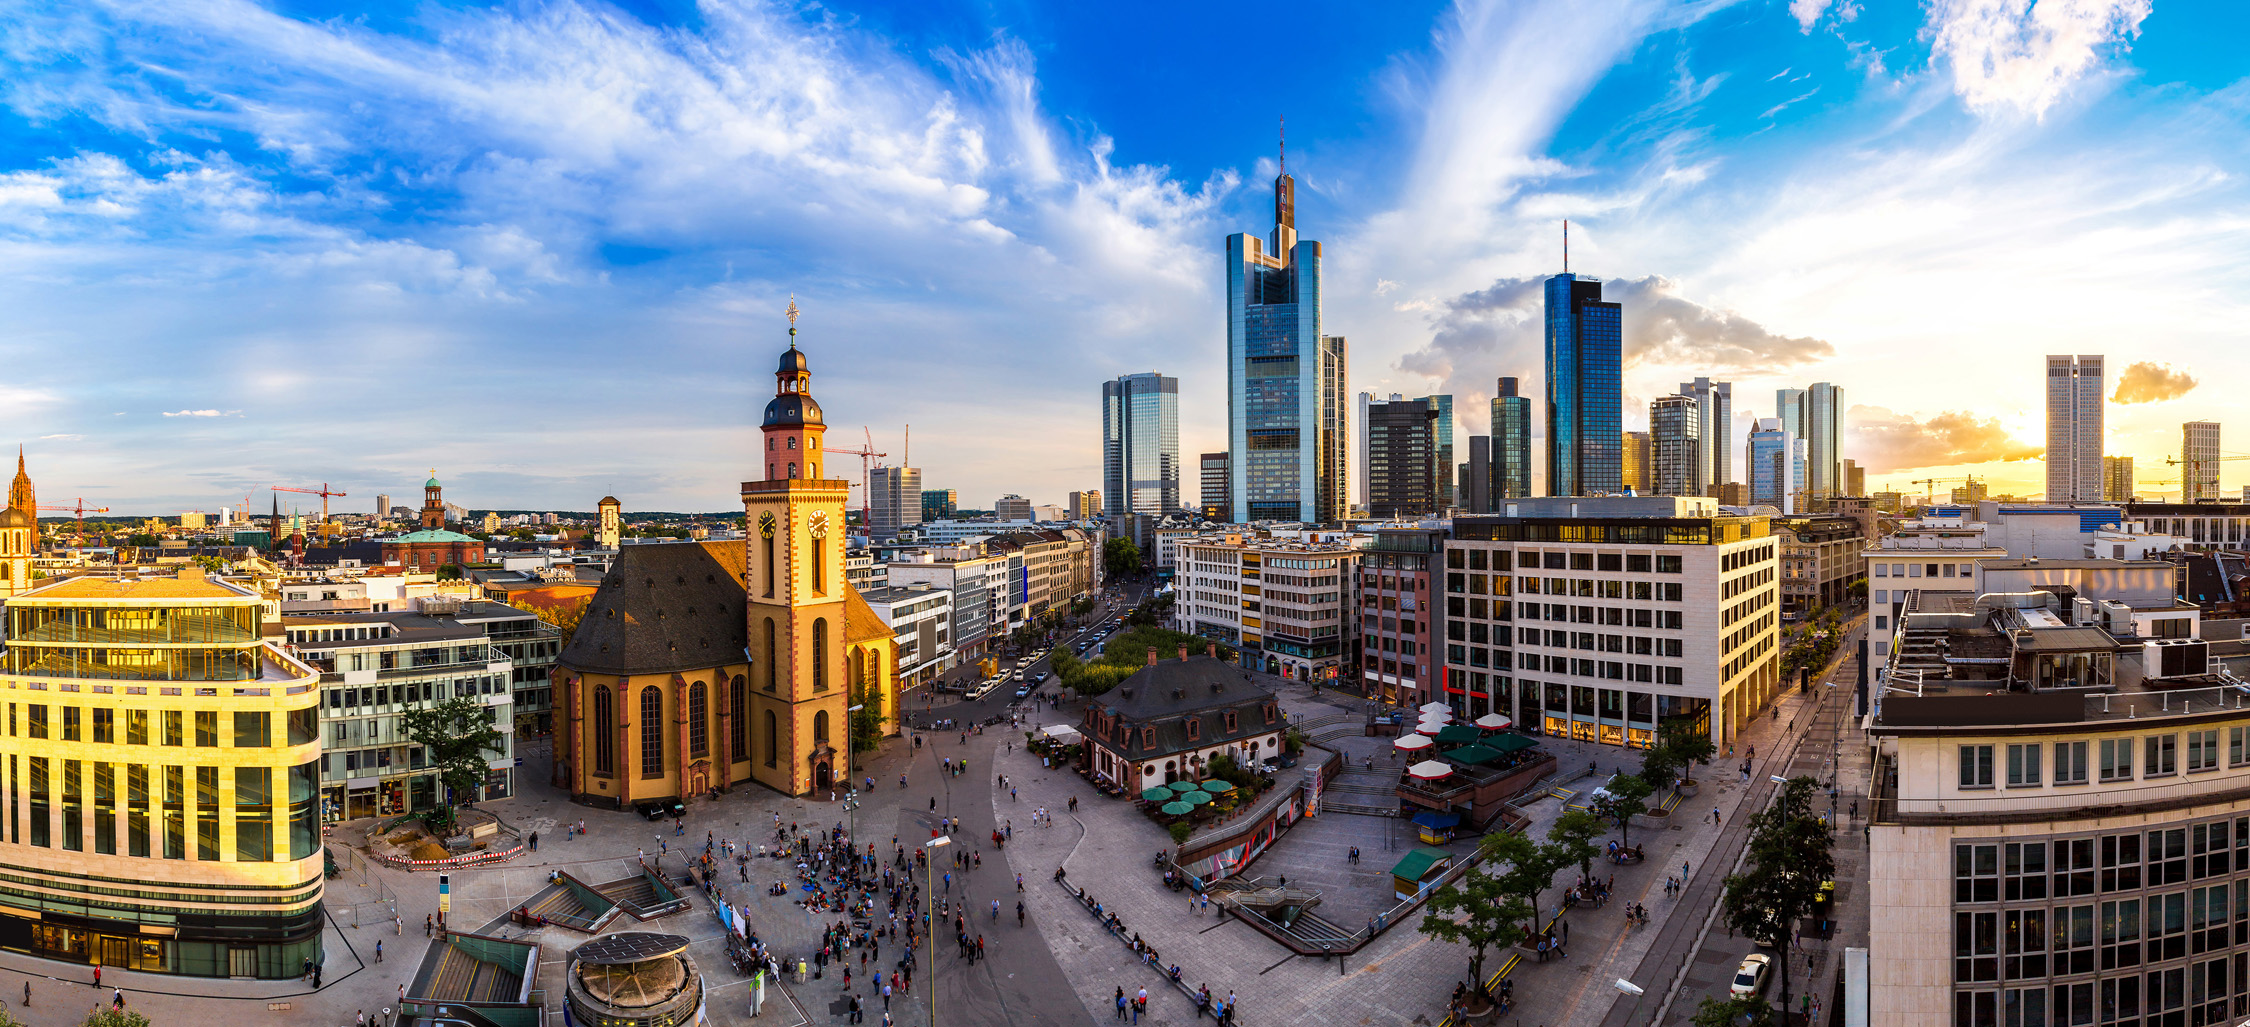 Frankfurt Im Sommer Urlaubsschn Ppchen Und Tolle Reise Angebote